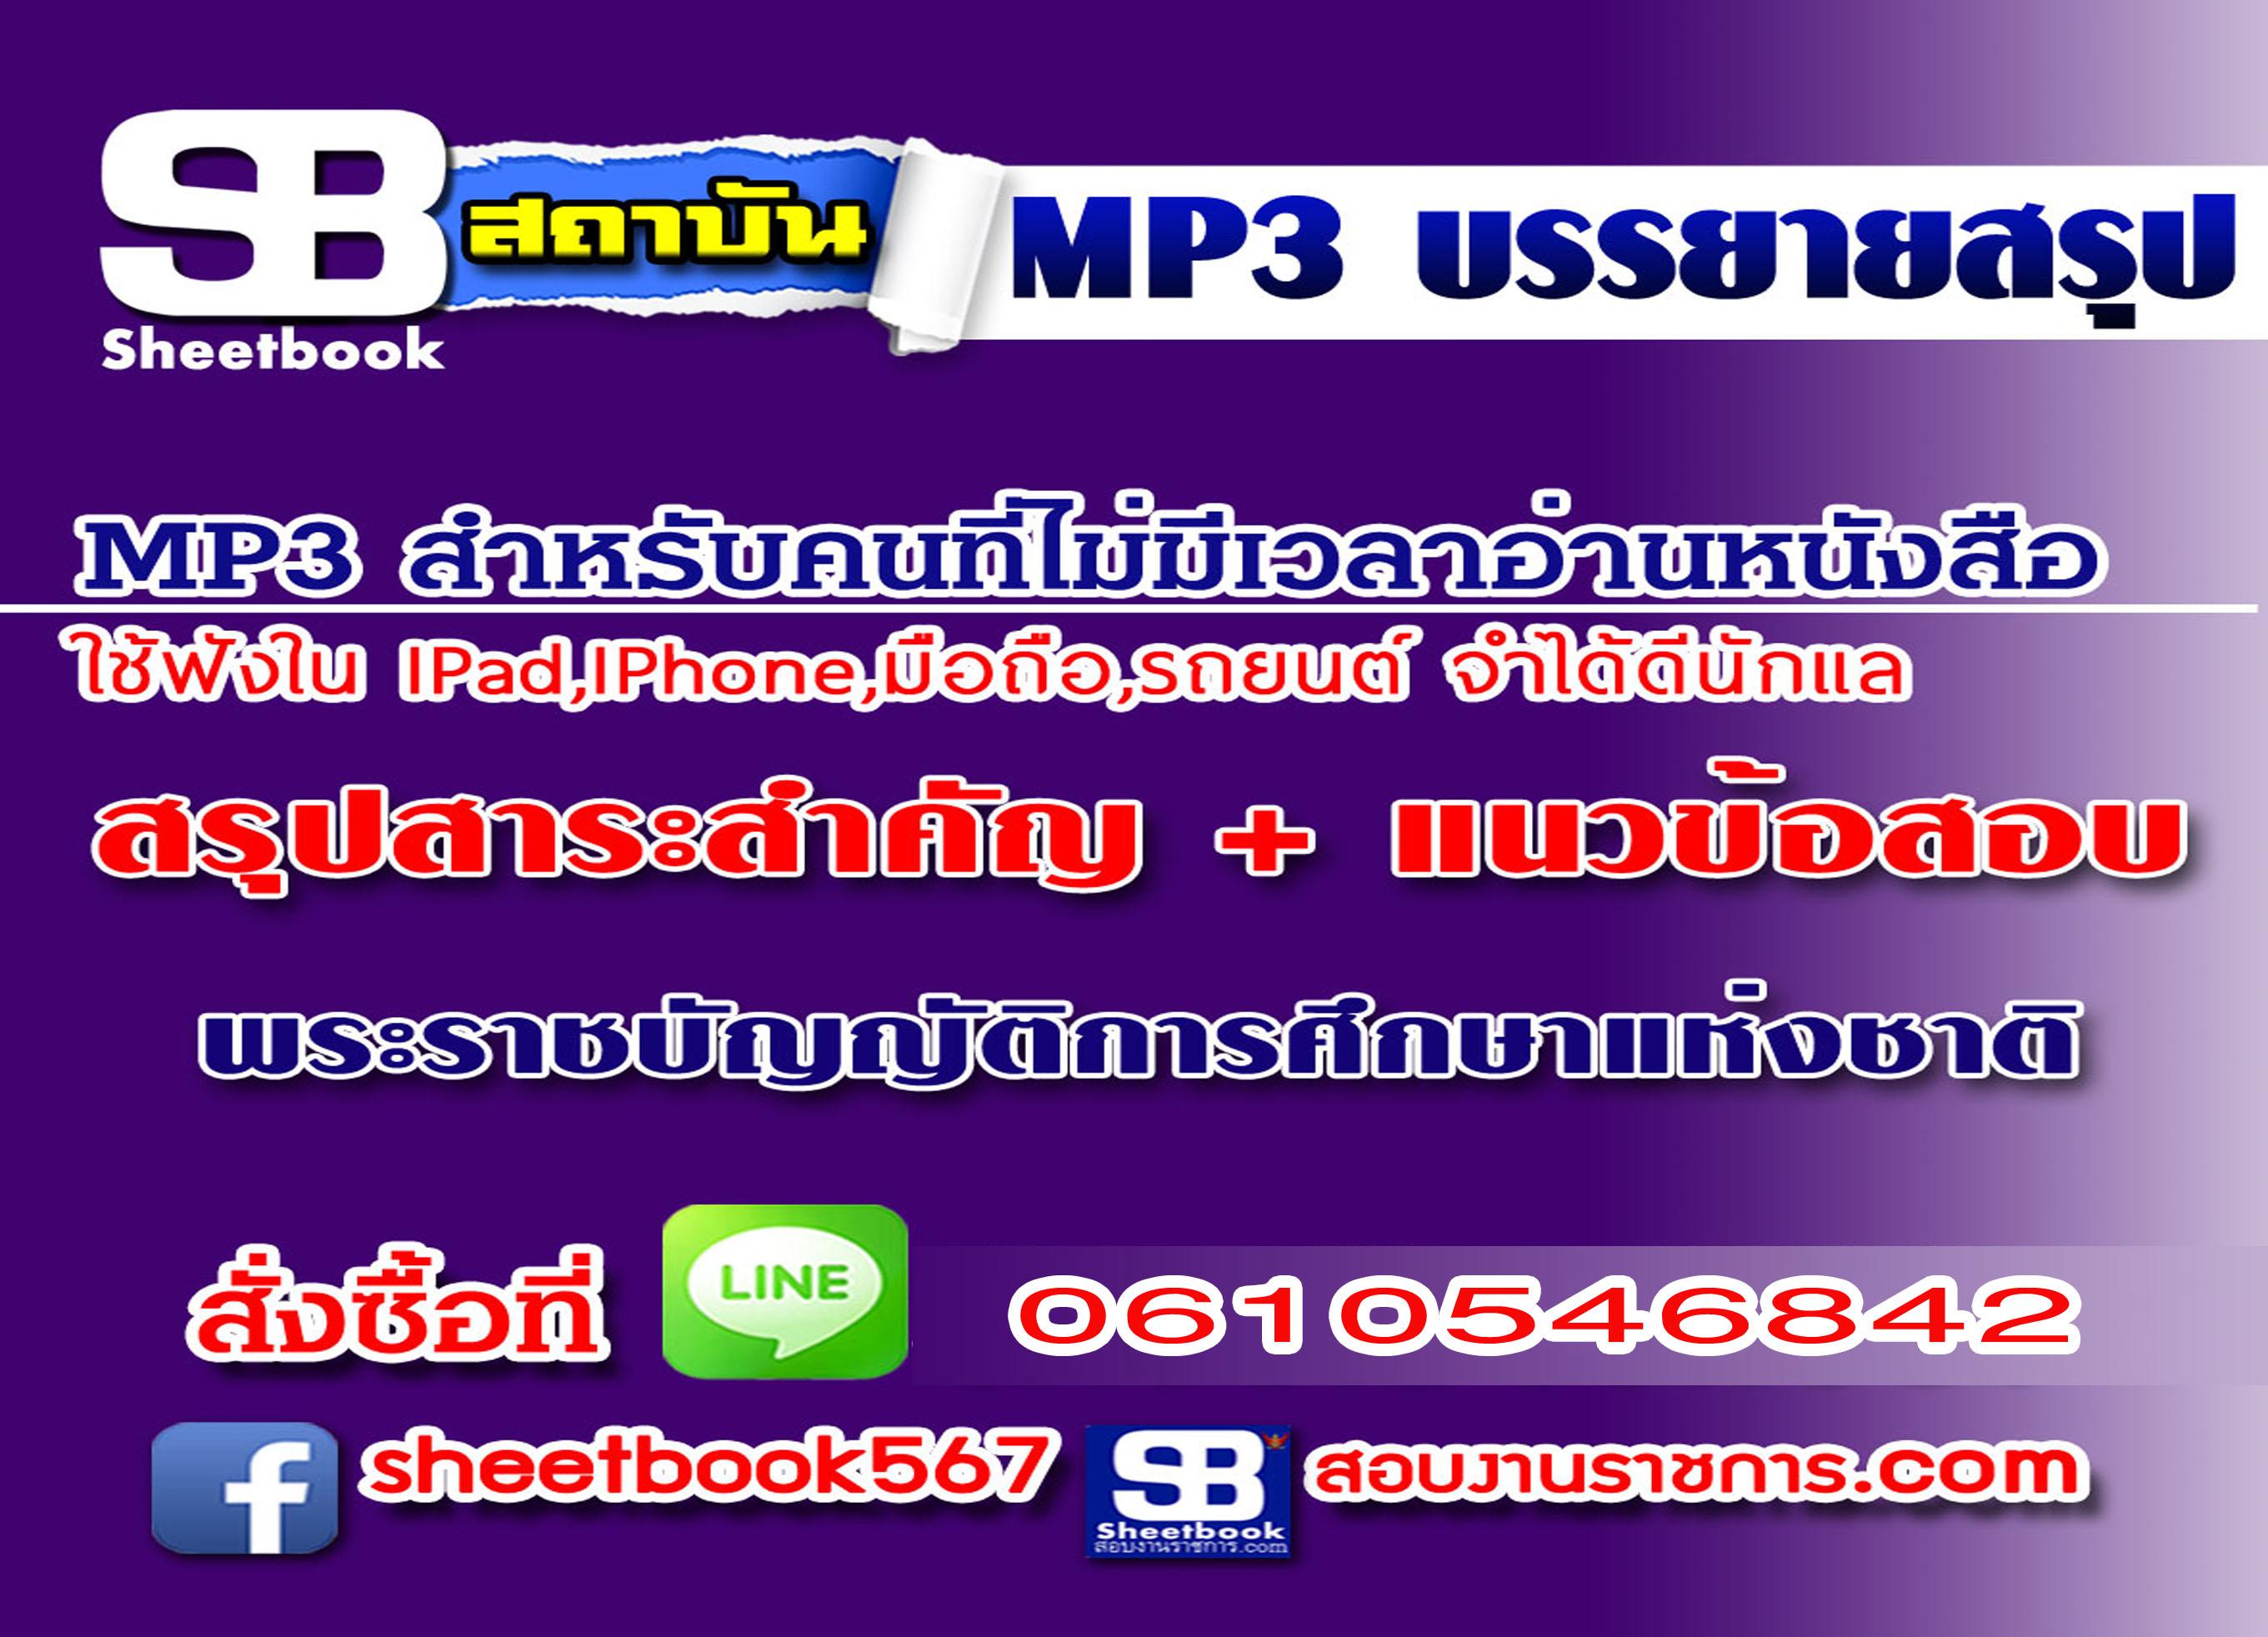 P009 - สรุปสาระสำคัญ+แนวข้อสอบ พระราชบัญญัติการศึกษาแห่งชาติ